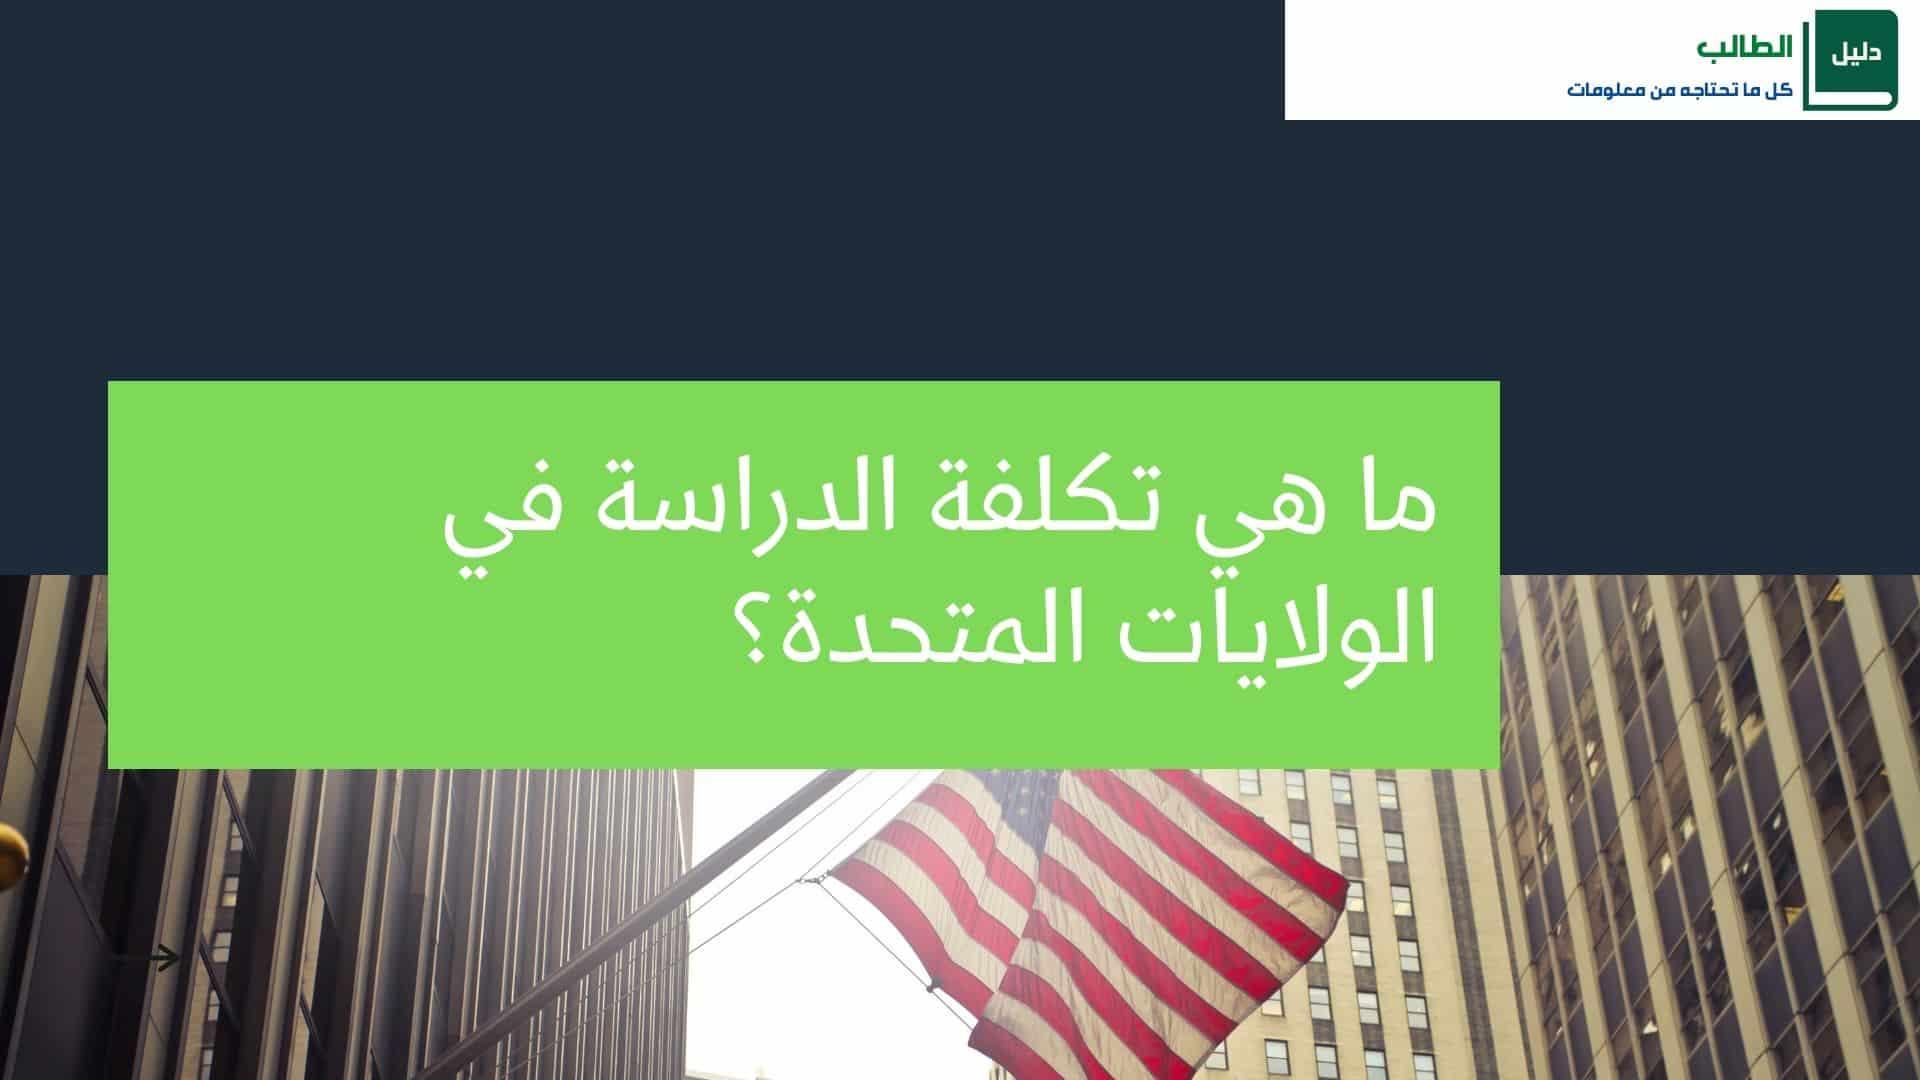 تكلفة الدراسة في امريكا والمعيشة – مراحل تقديم طلب التأشيرة و التأمين الصحي الأمريكي